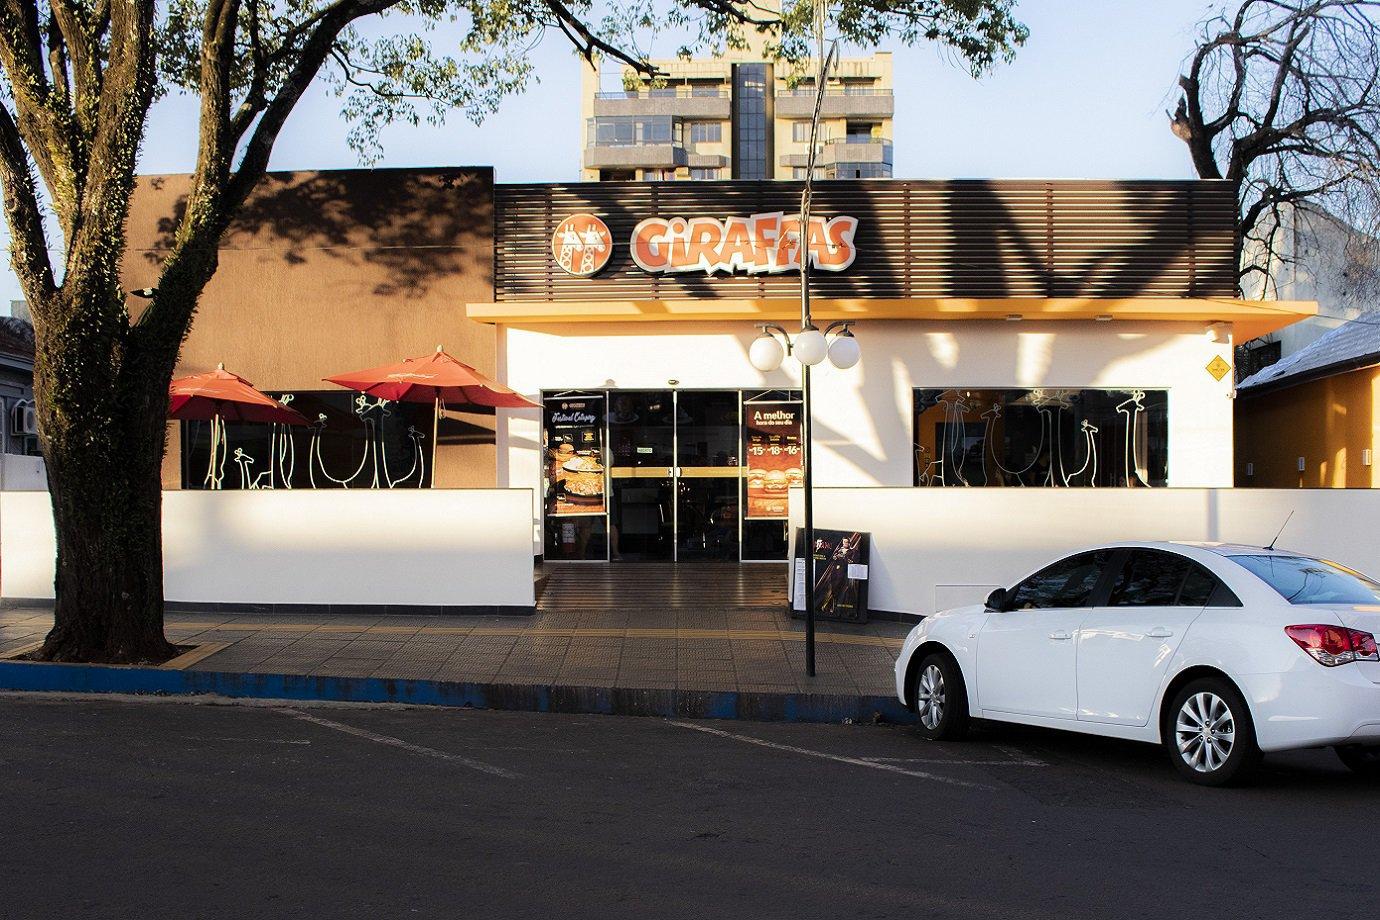 Loja do Giraffas: Rede de fast food inova para enfrentar a crise